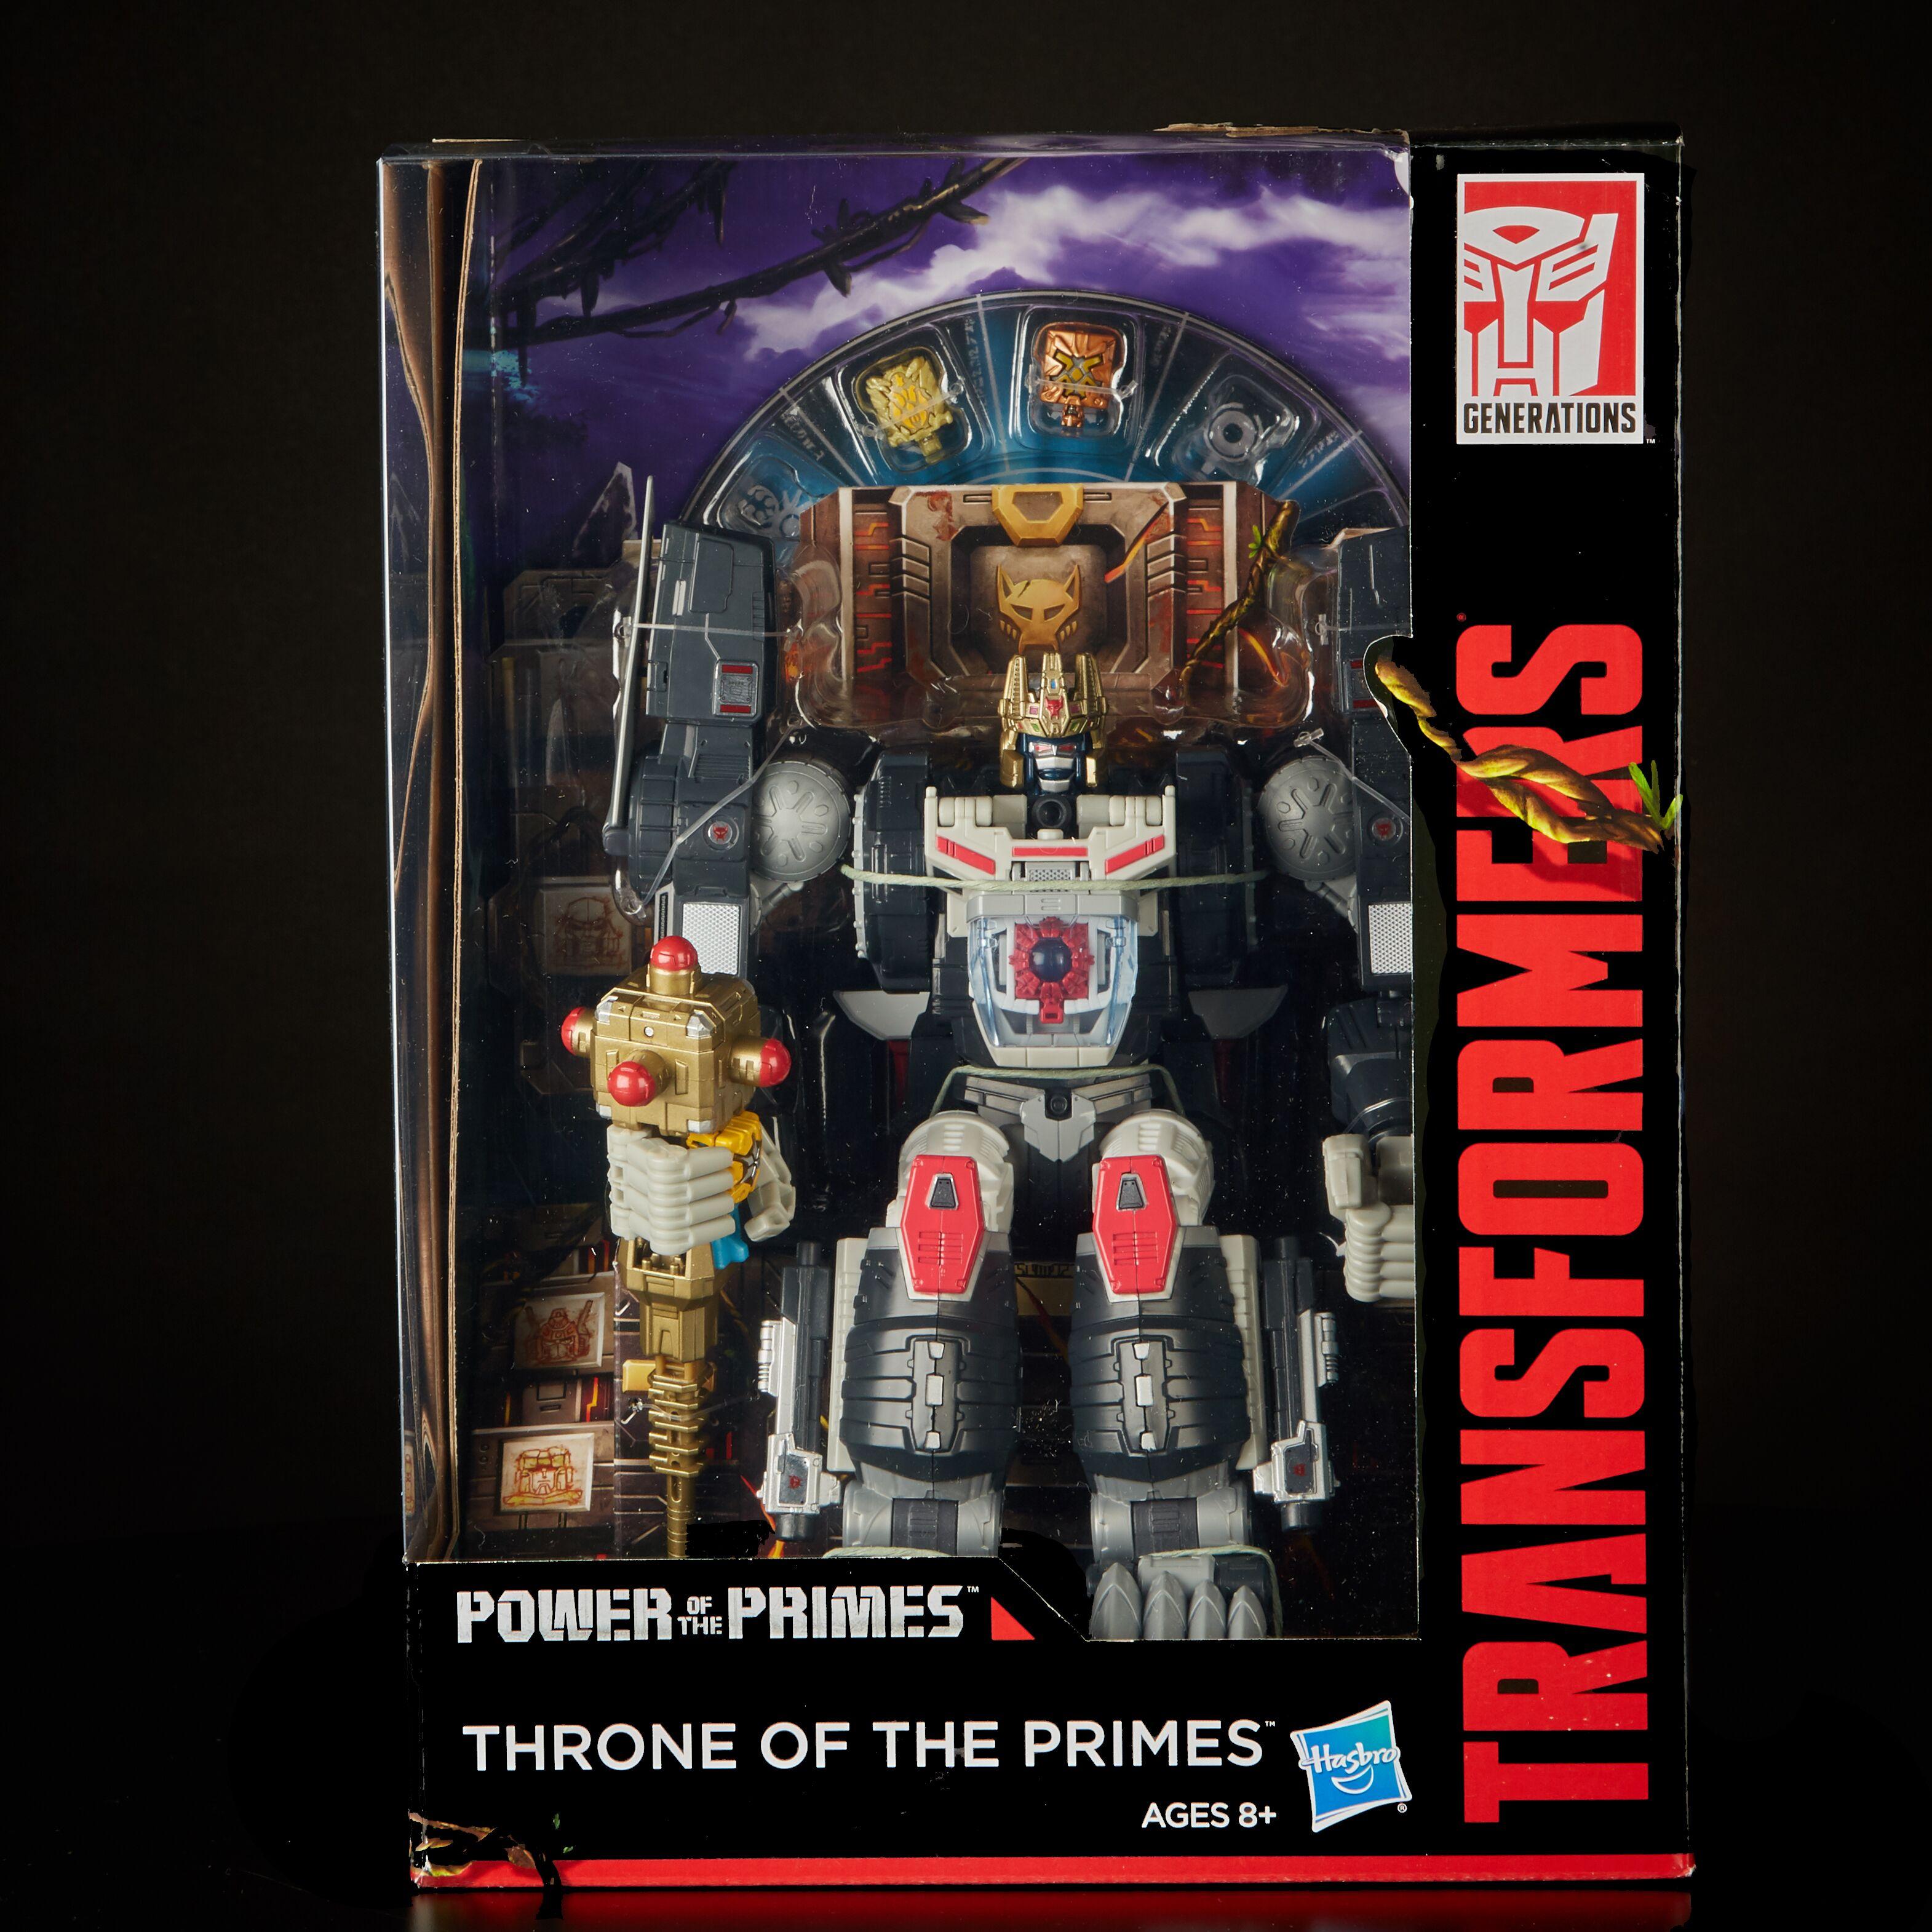 Comic Con Exclusive Hasbro Throne Of The Primes Figure